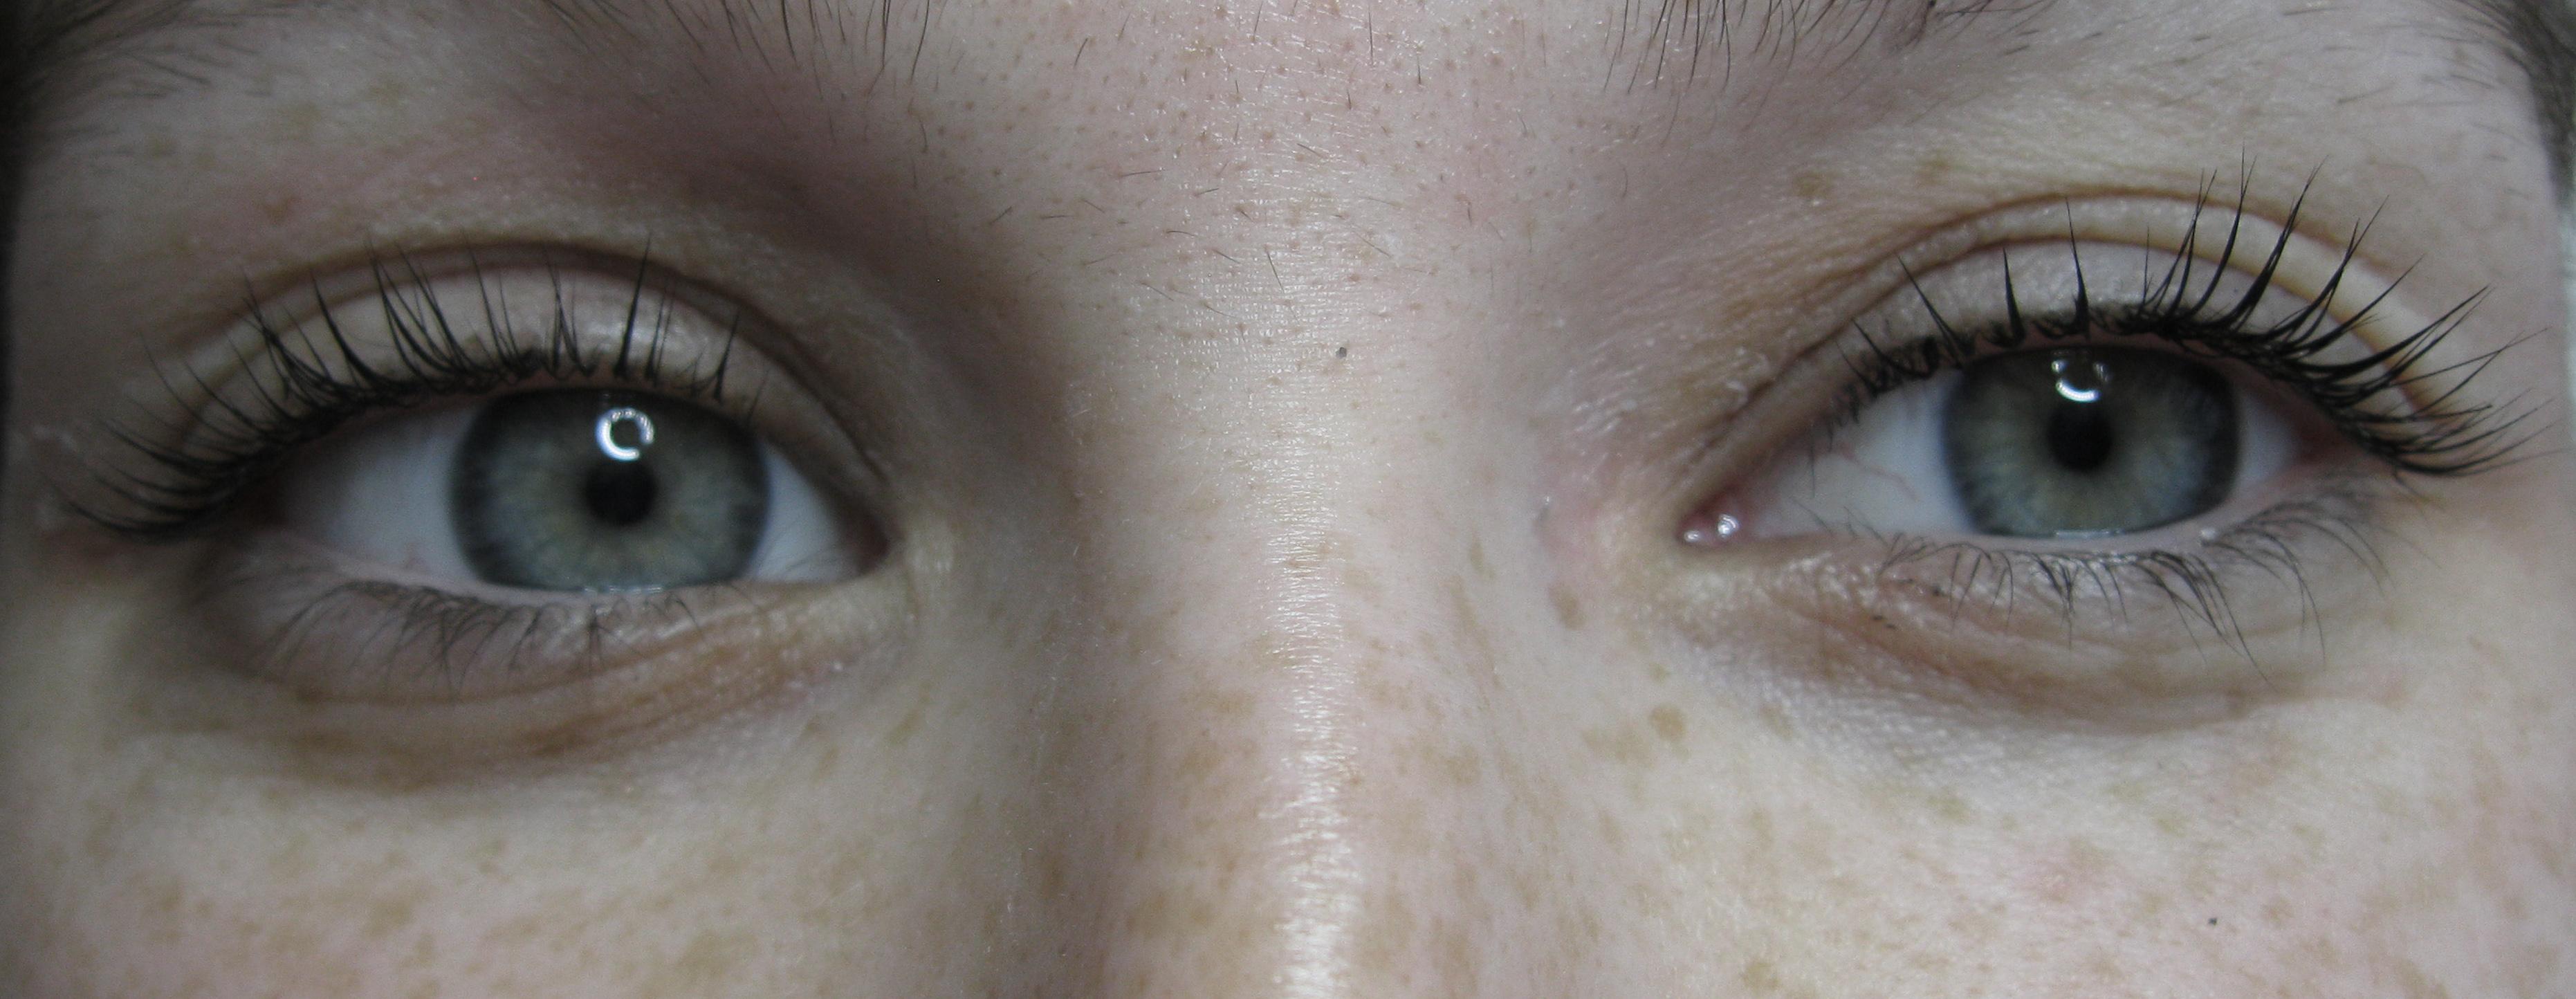 Szempilla lifting után - Soós Ágnes kozmetikus